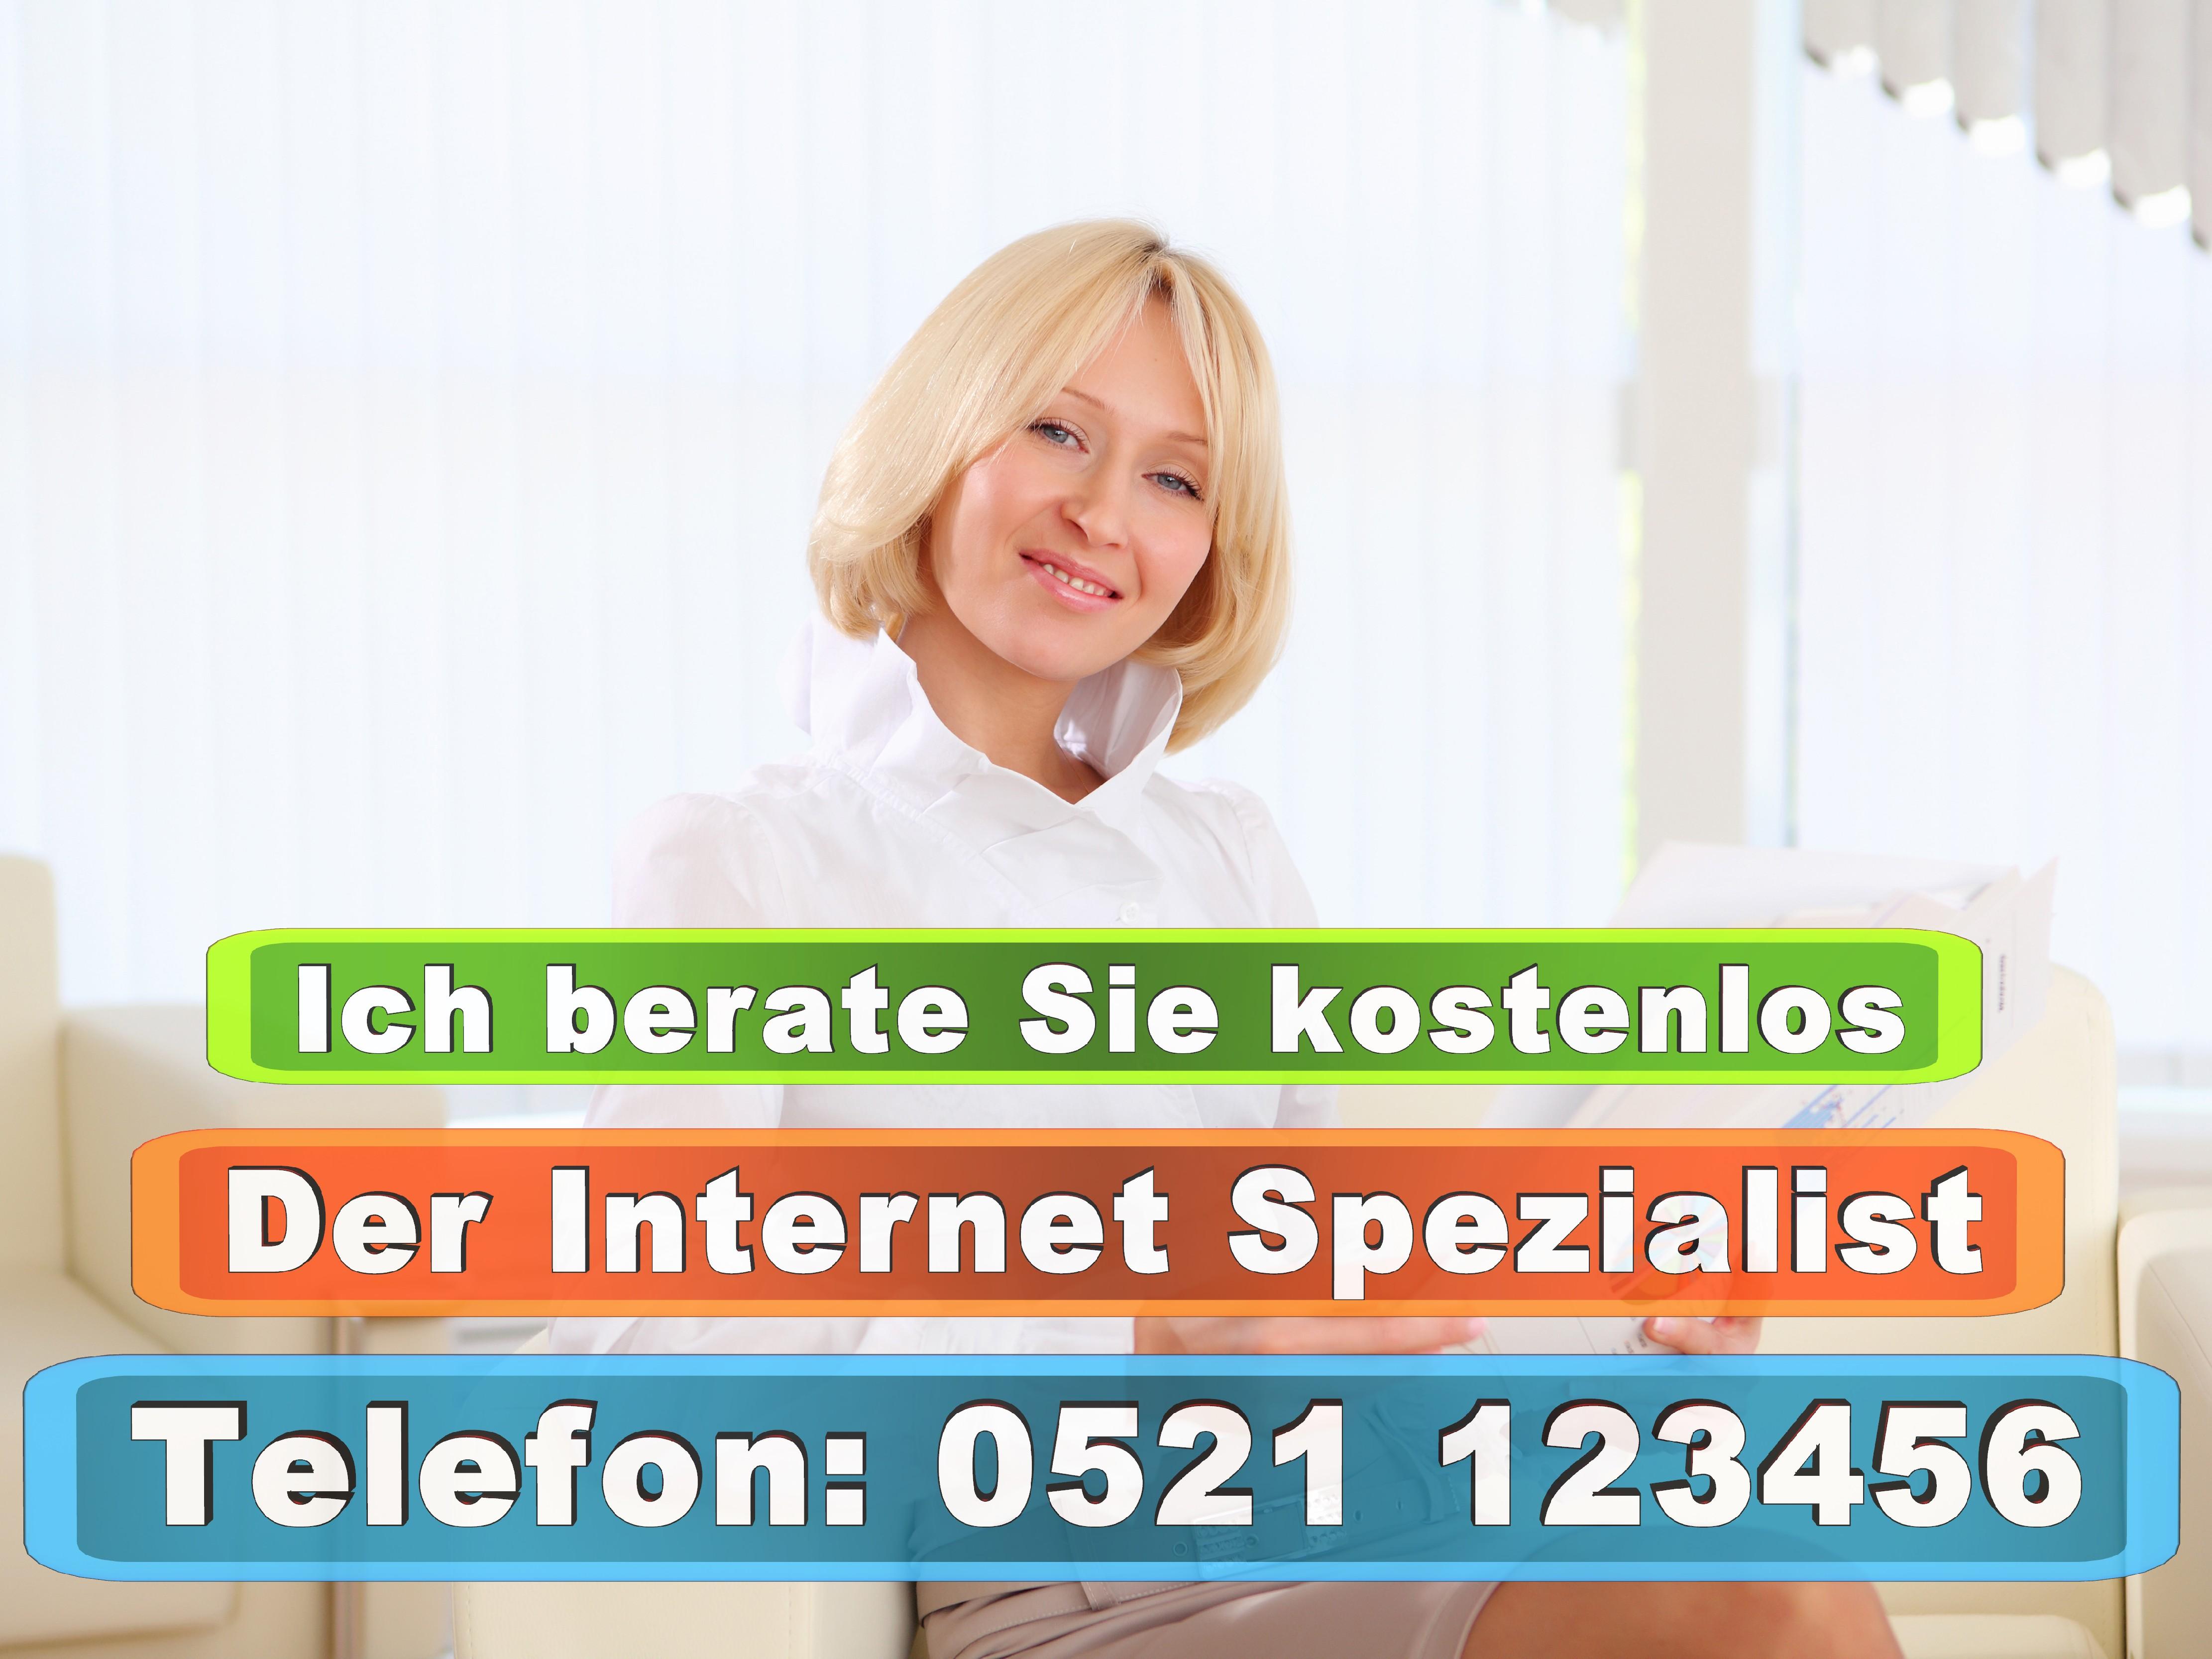 Steuerberater Bielefeld Rechtsanwalt Bielefeld Hausverwaltung Bielefeld Immobilien Bielefeld Architekt Bielefeld Büro Versicherungen